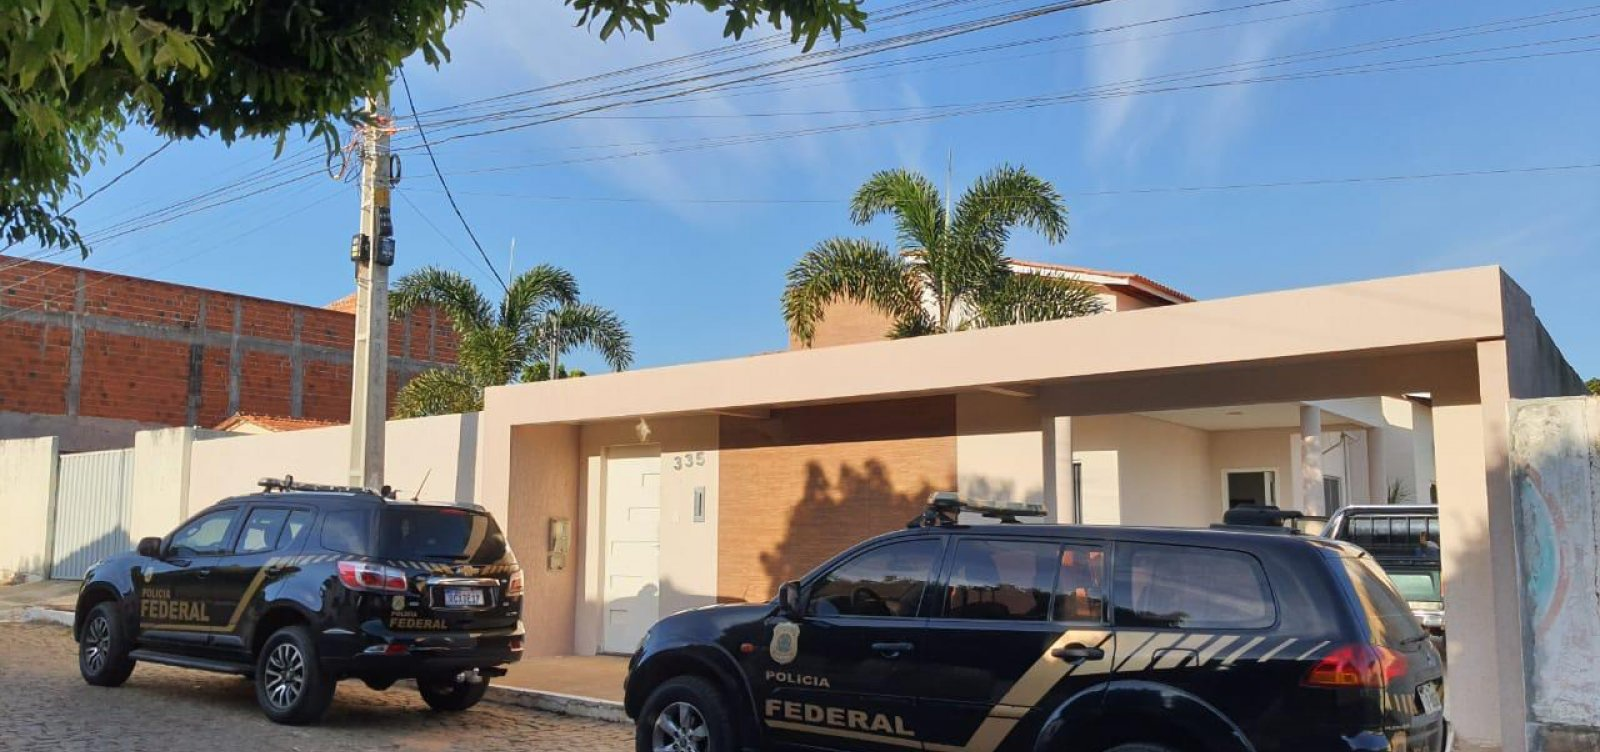 [Polícia Federal deflagra operação contra fraudes em licitações no sudoeste baiano]